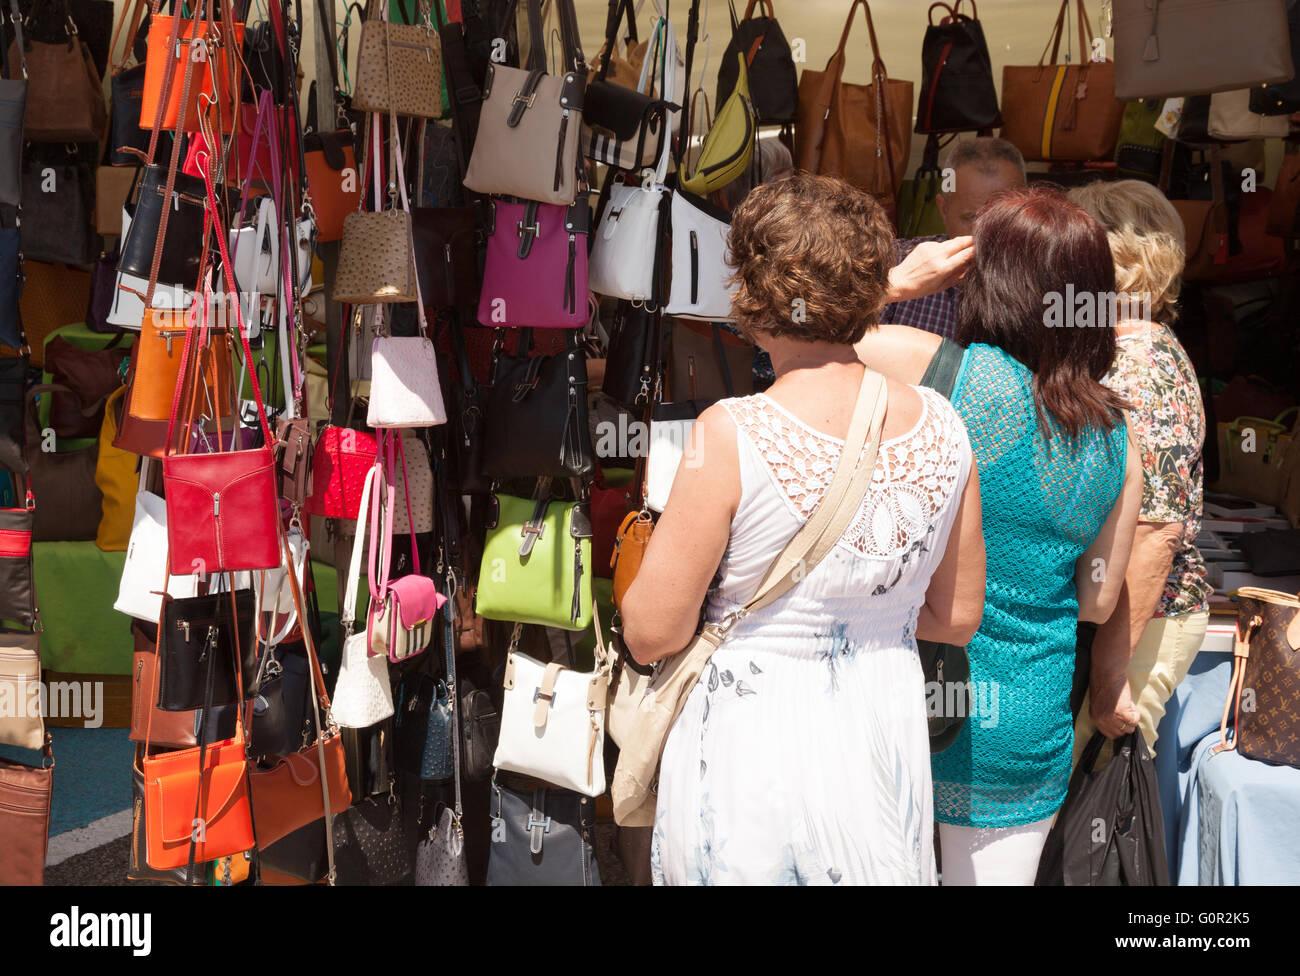 Sacs à main en cuir pour femmes shopping at a market stall, marché d  bf9faae9b2c